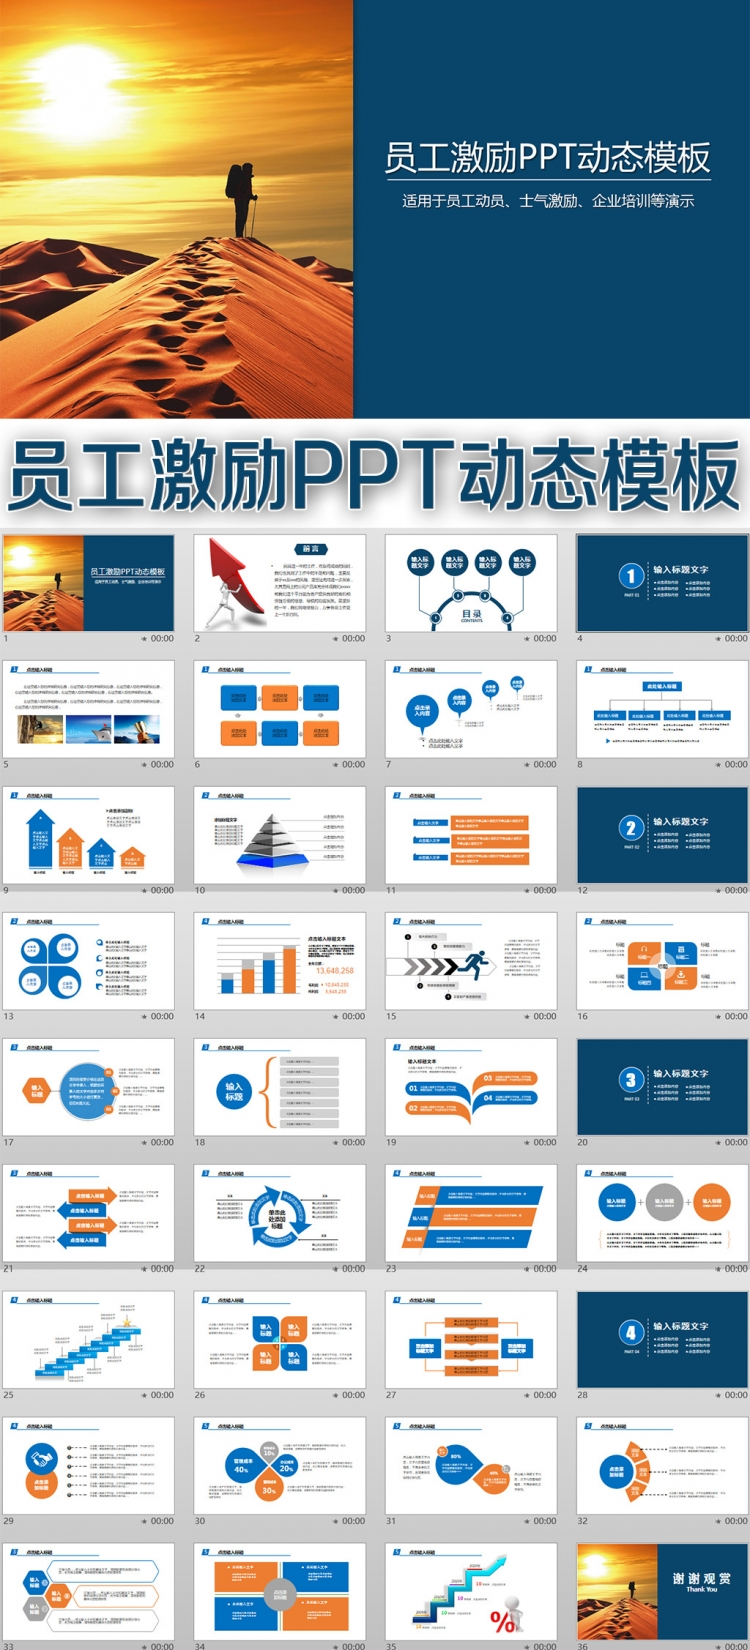 """免费ppt模板员工激励PPT动态模板模板ppt下载"""""""